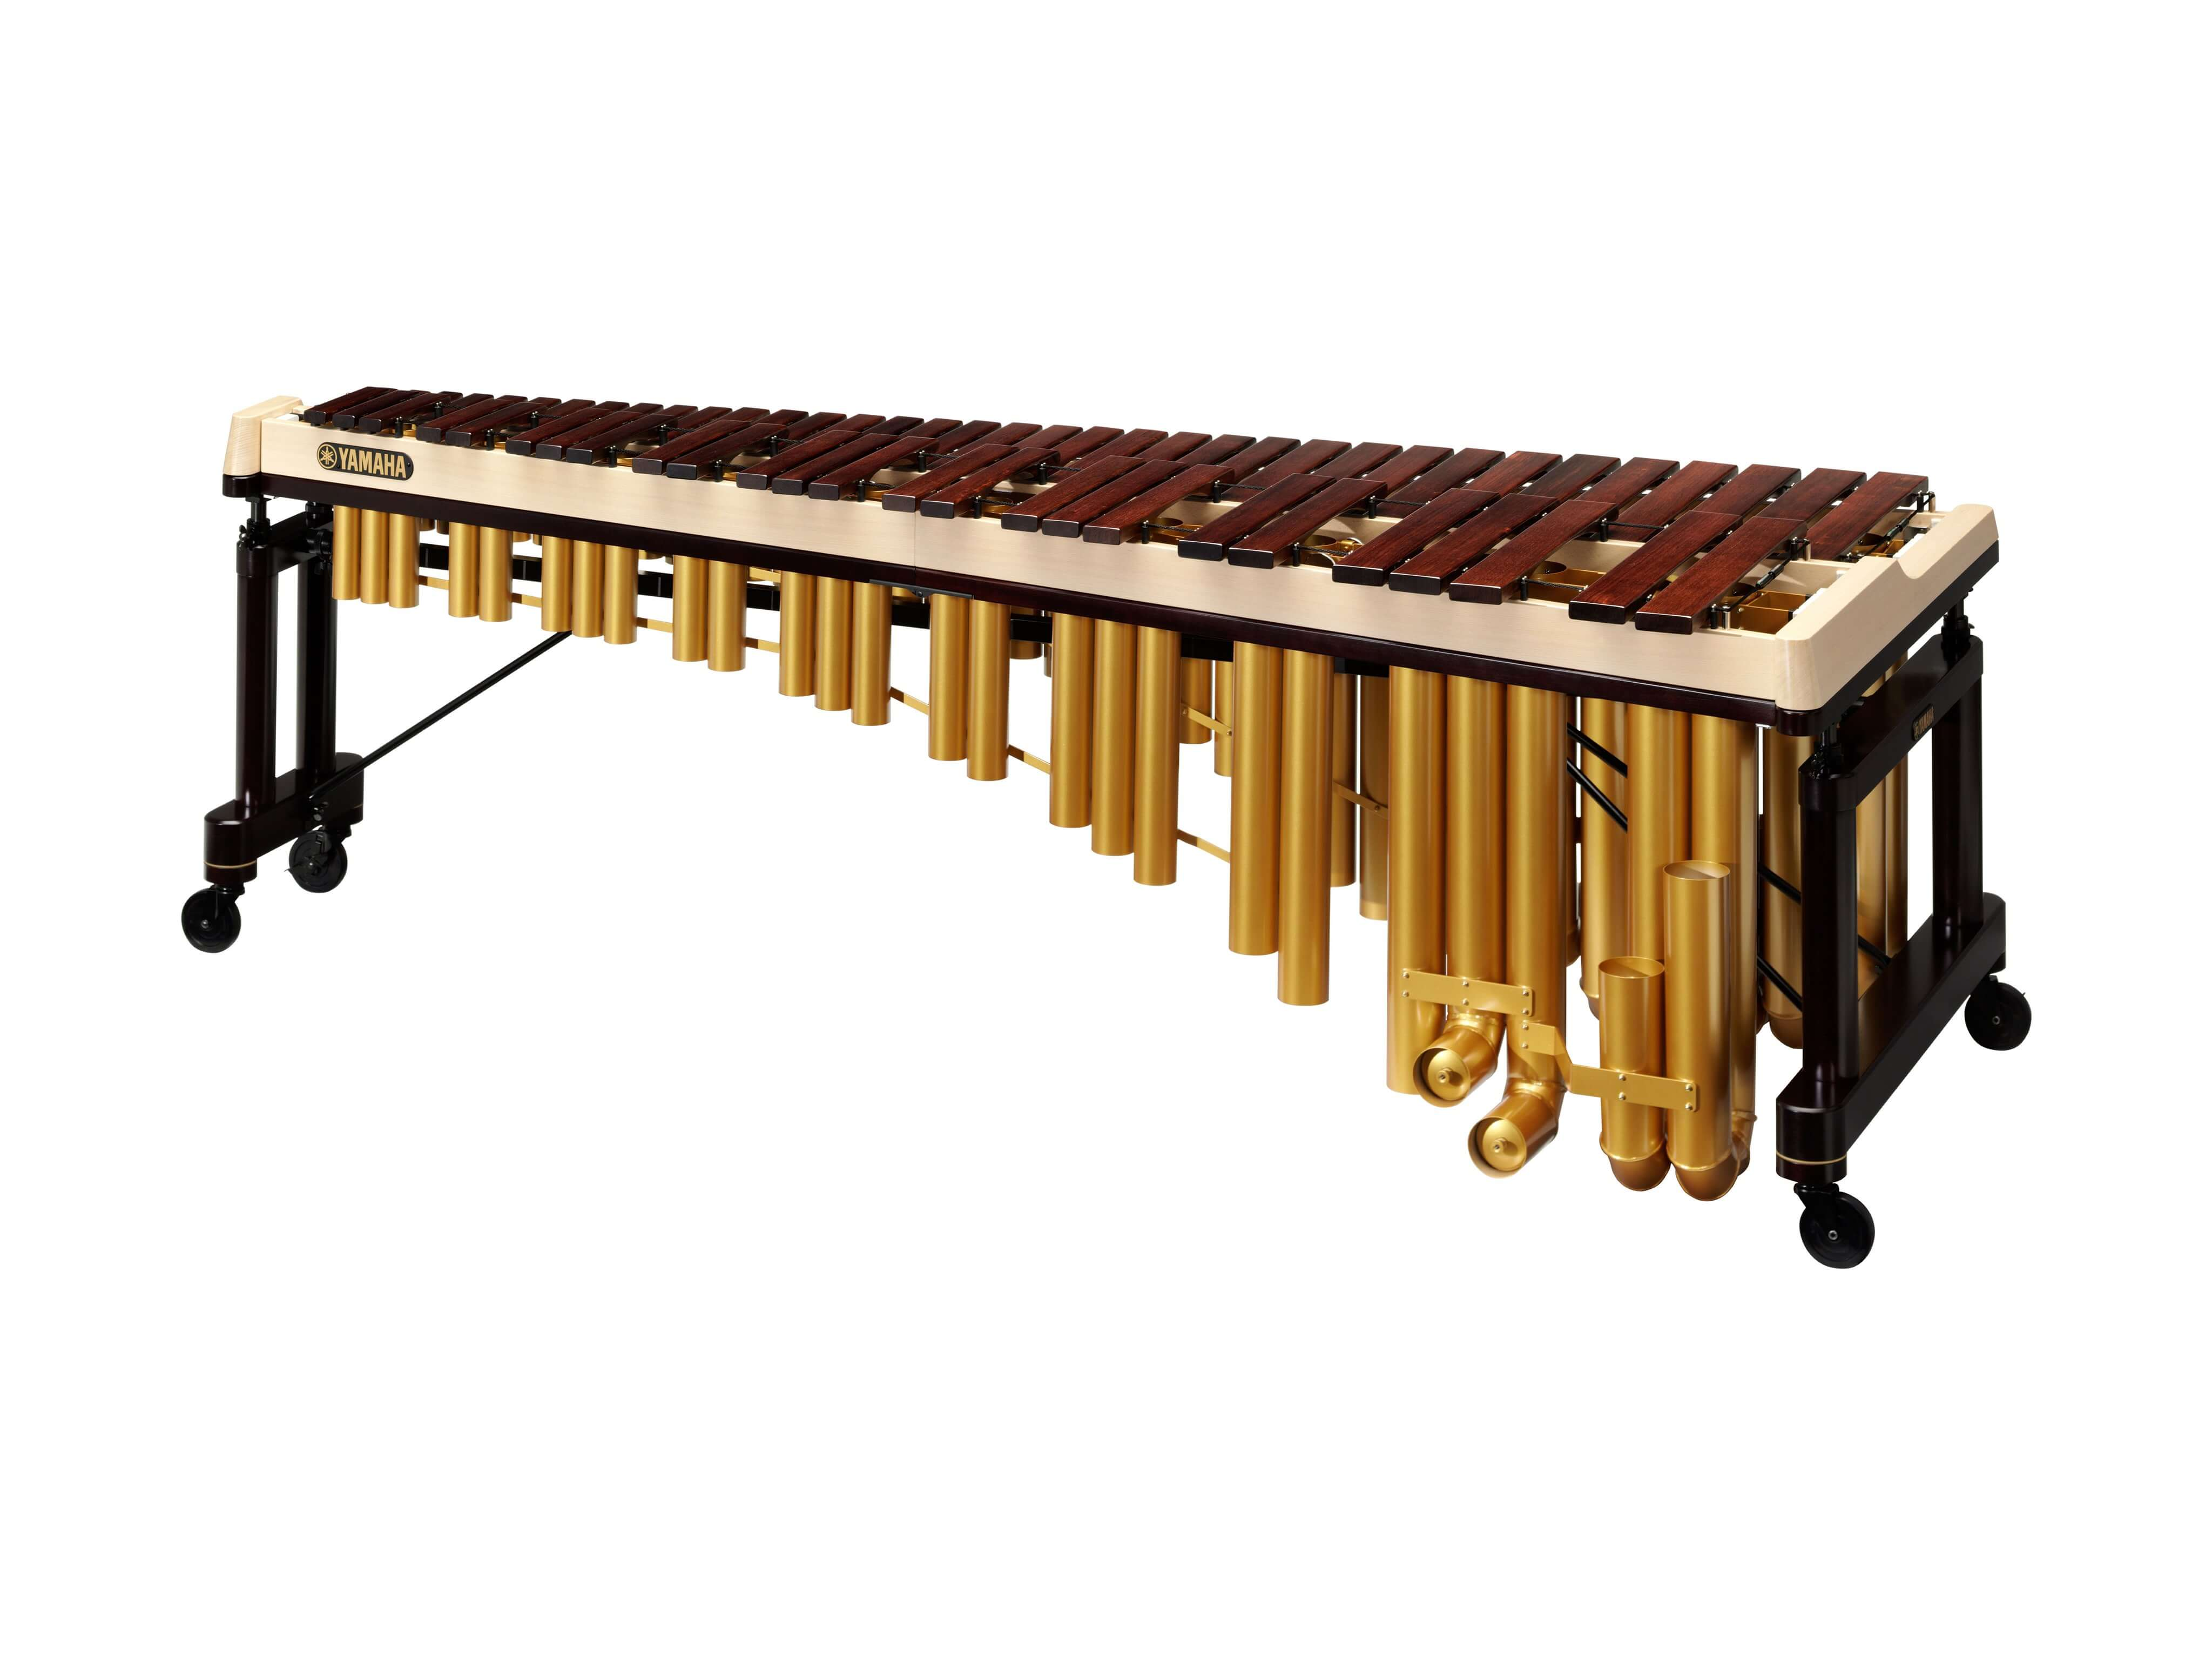 Marimba Yamaha Ym6100